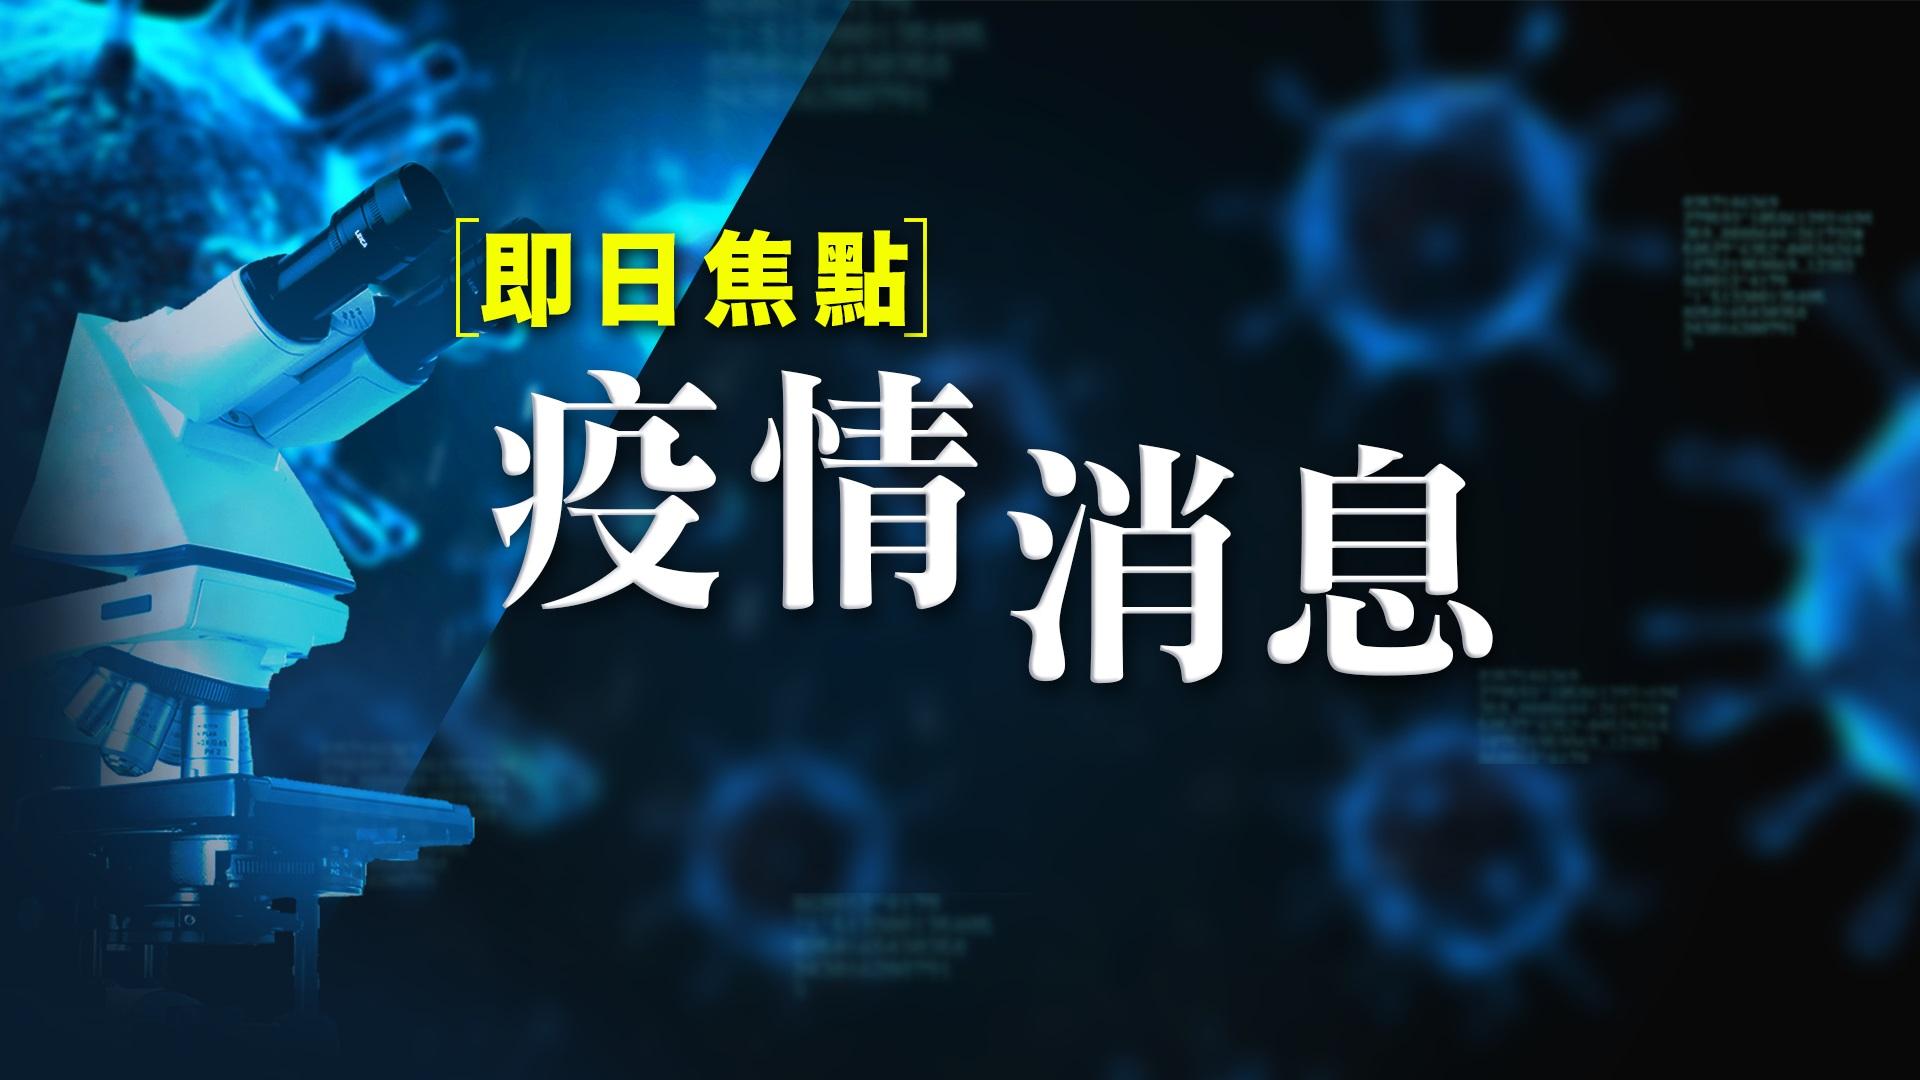 【即日焦點·疫情消息】深圳灣口岸大批人趁14日強制檢疫措施生效前回港;電子產品代工廠富士康加入口罩生產行列